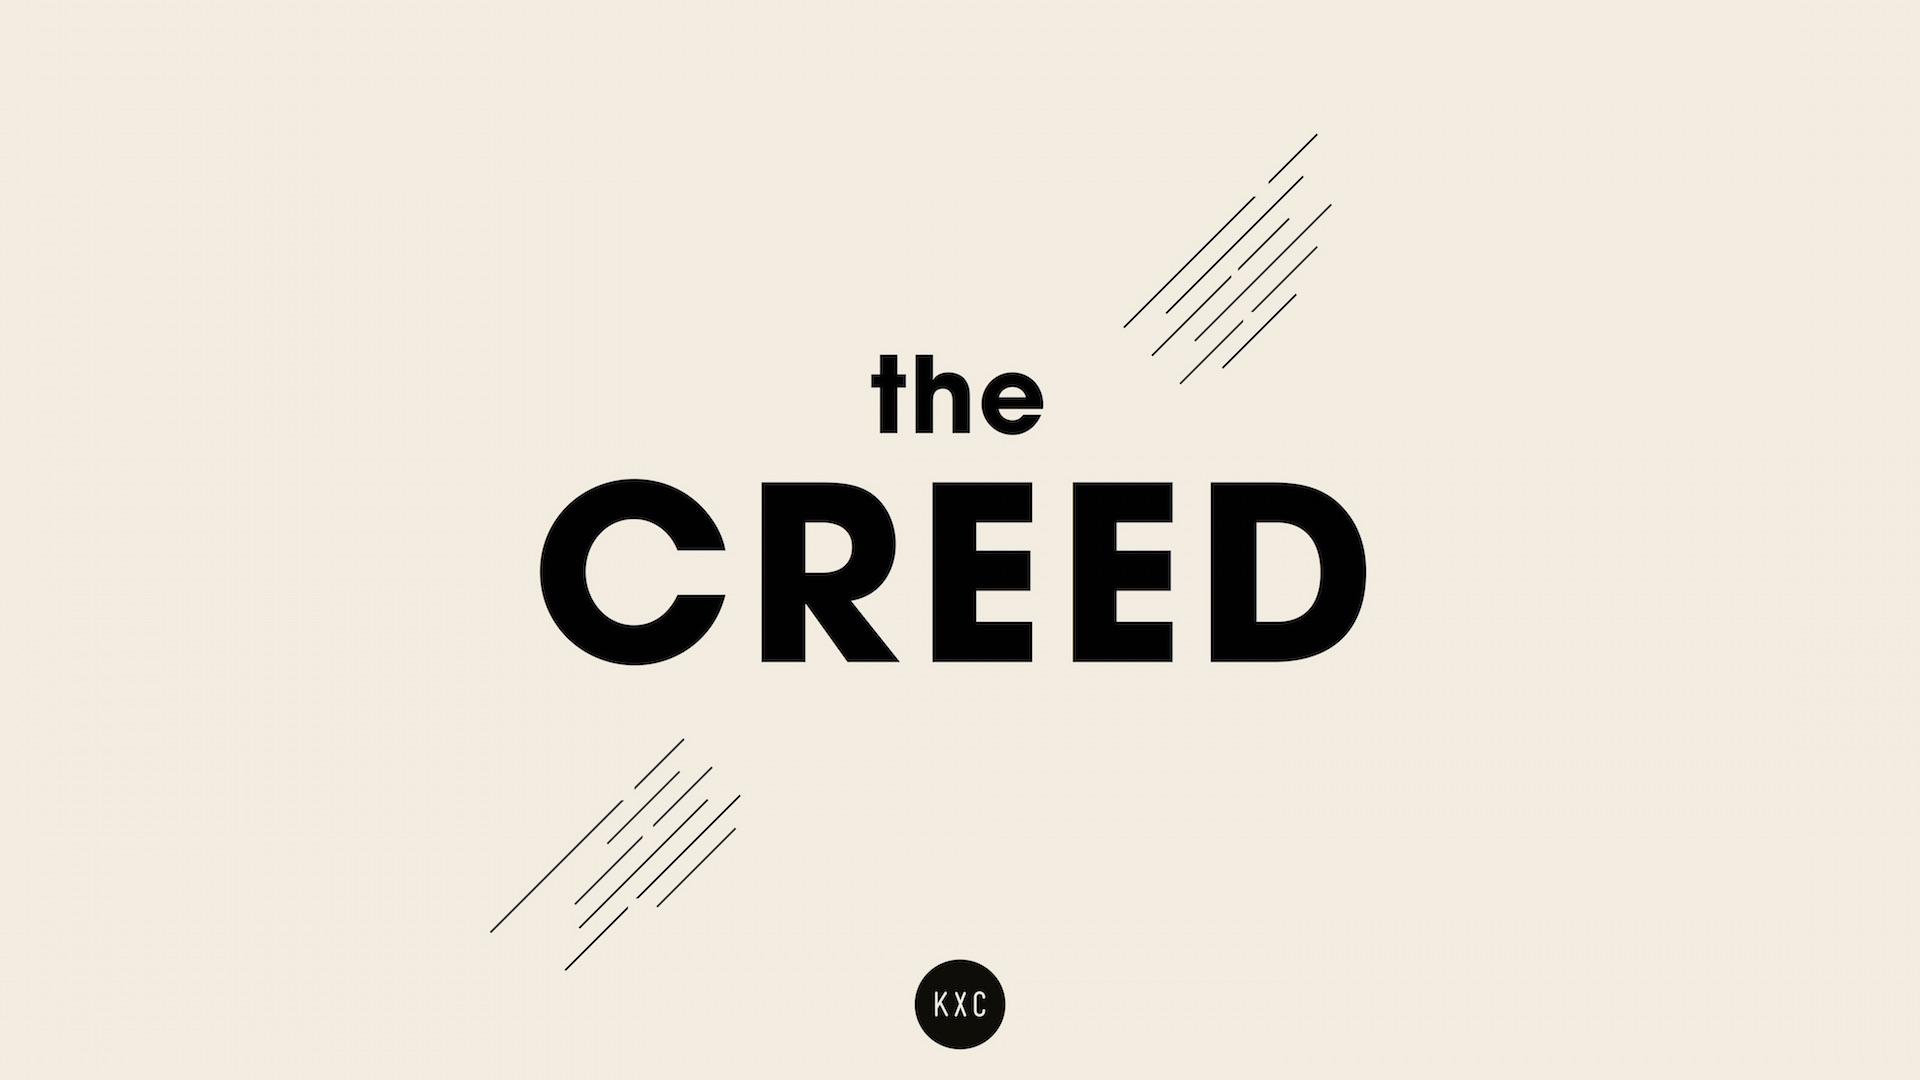 the creed v2.jpg